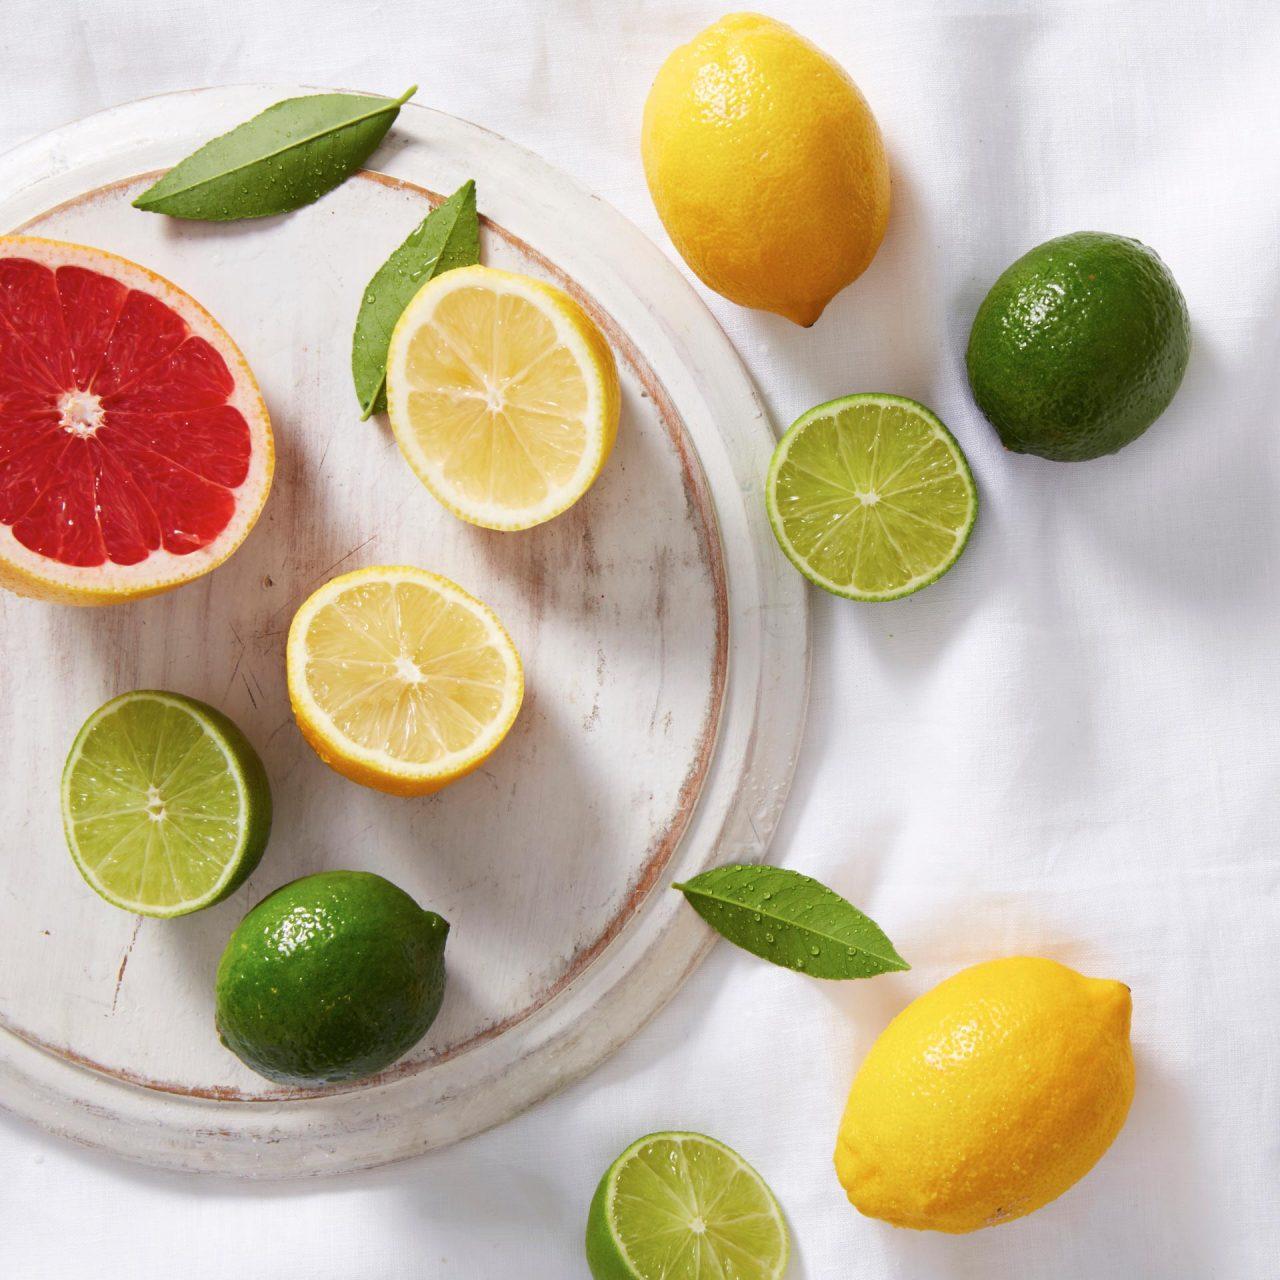 citus fruit food photography